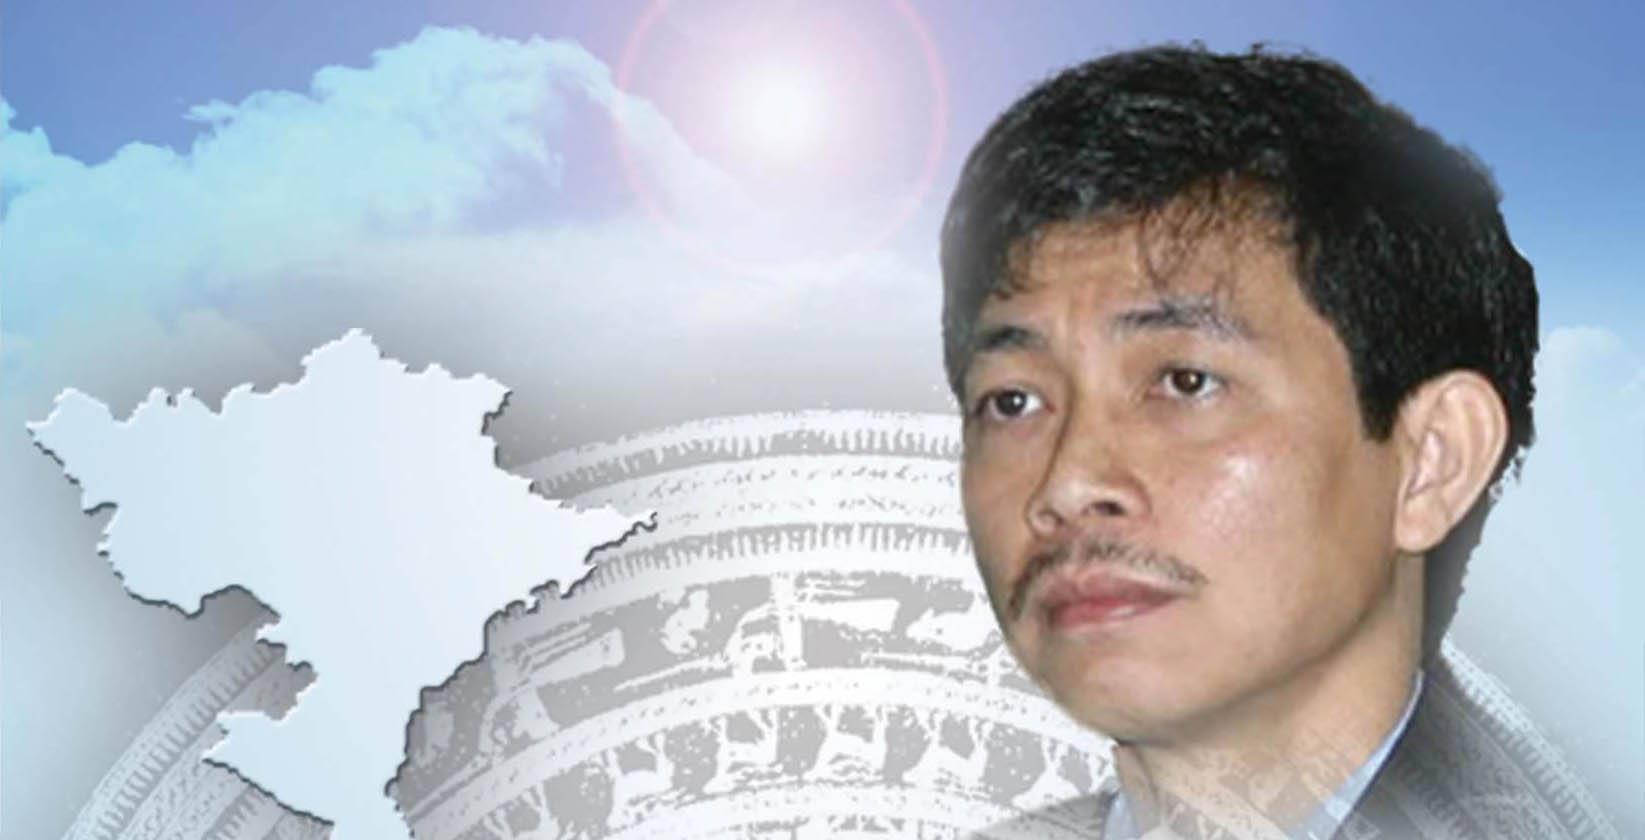 Trại giam số 6 phủ nhận thông tin ông Trần Huỳnh Duy Thức nằm viện